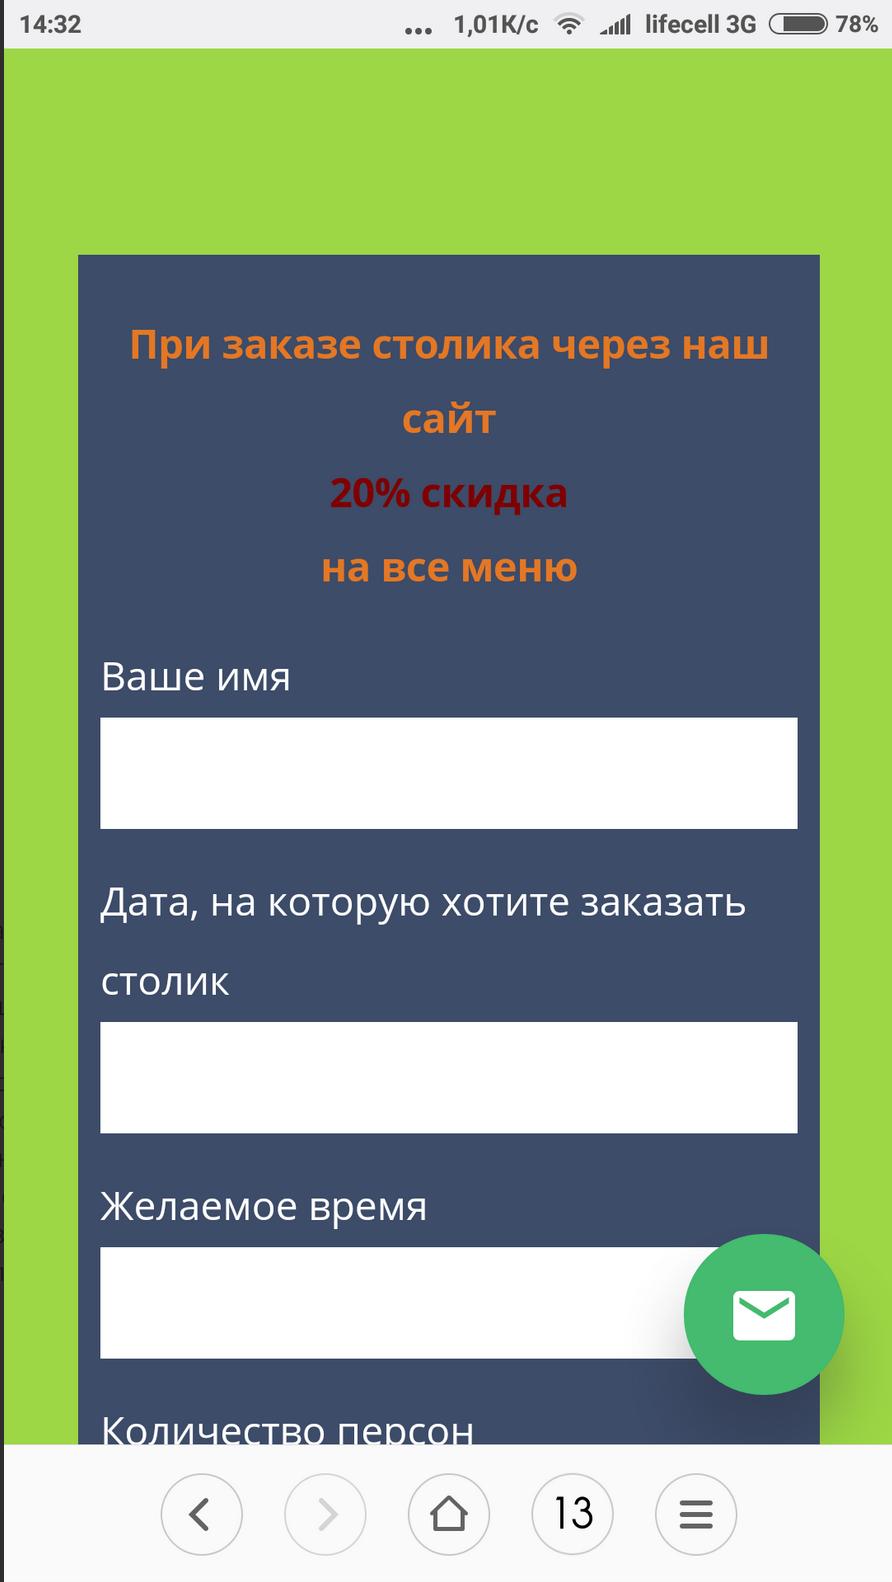 Игровые автоматы отзывы текст сообщения контрольное изображение игровые автоматы вайсброд берлин